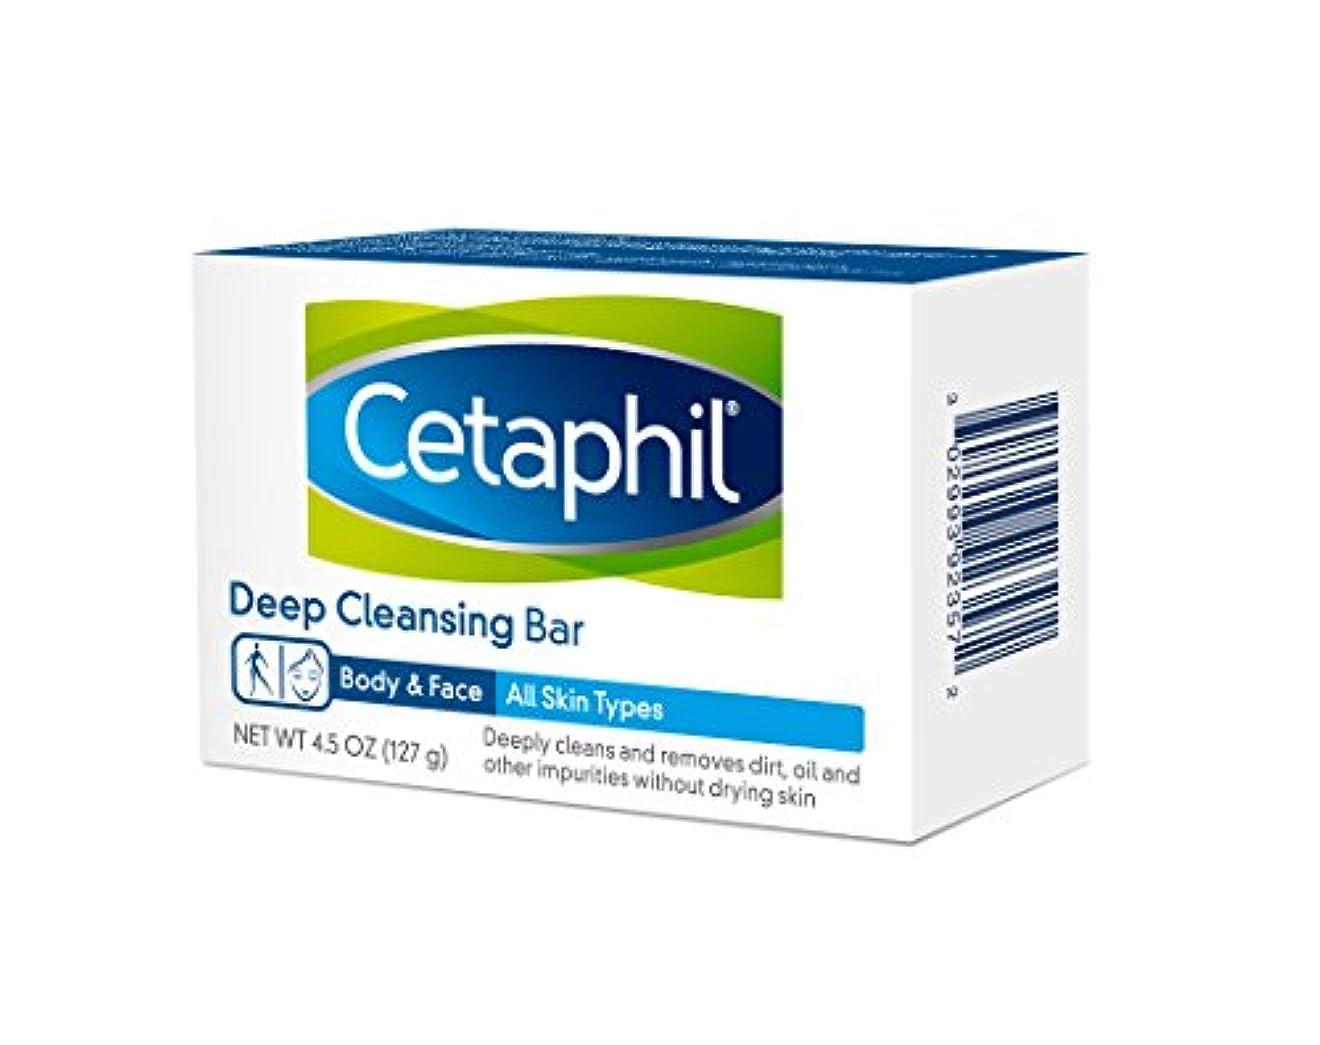 世界強度ゴムCetaphil Deep Cleansing Face Body Bar for All Skin Types 127g×6個セット 並行輸入品